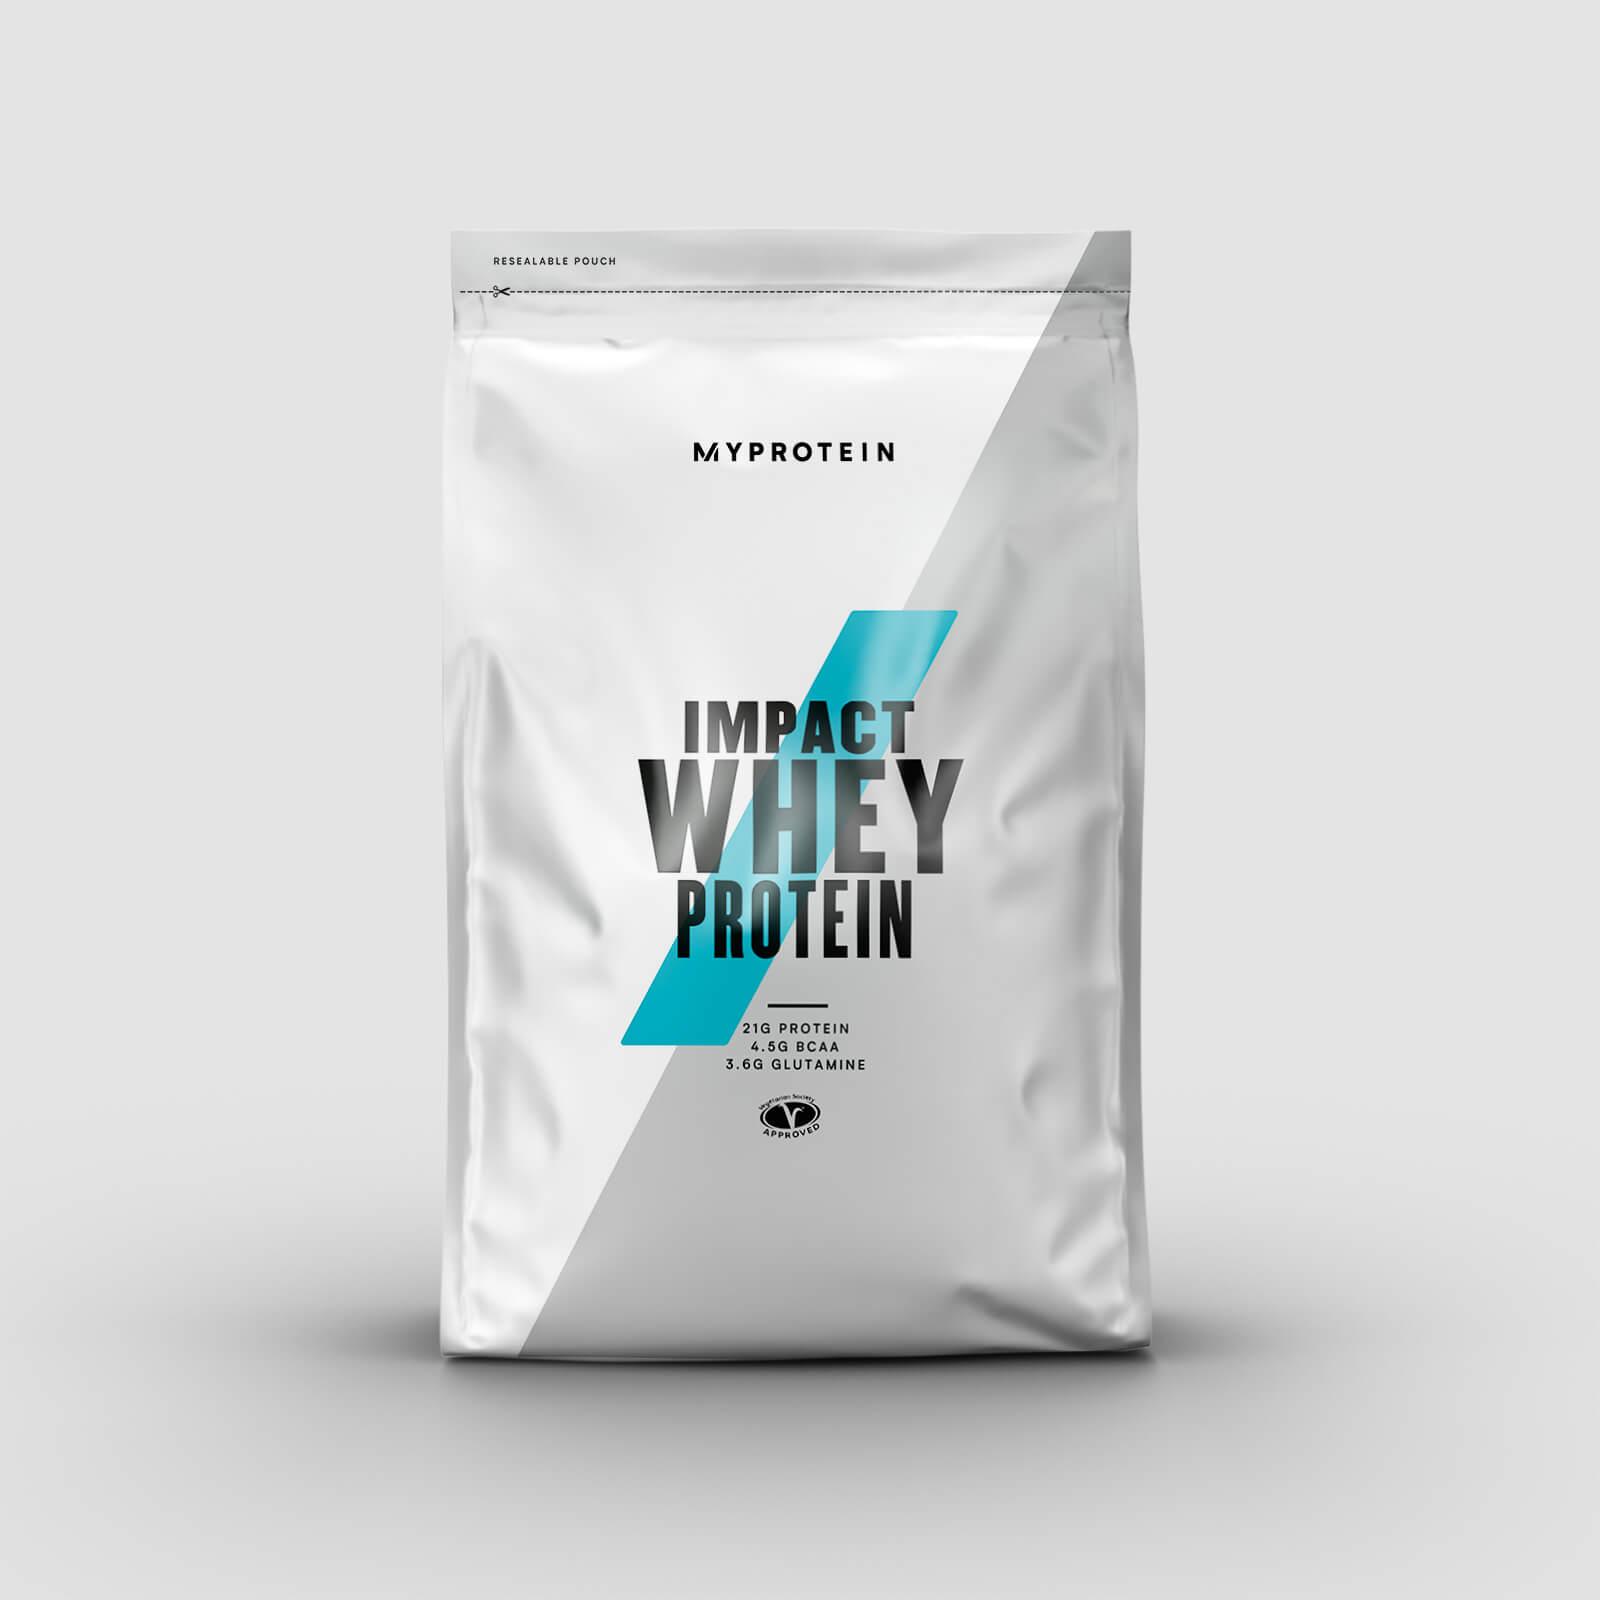 Myprotein Impact Whey Protein, 1kg - Tiramisu